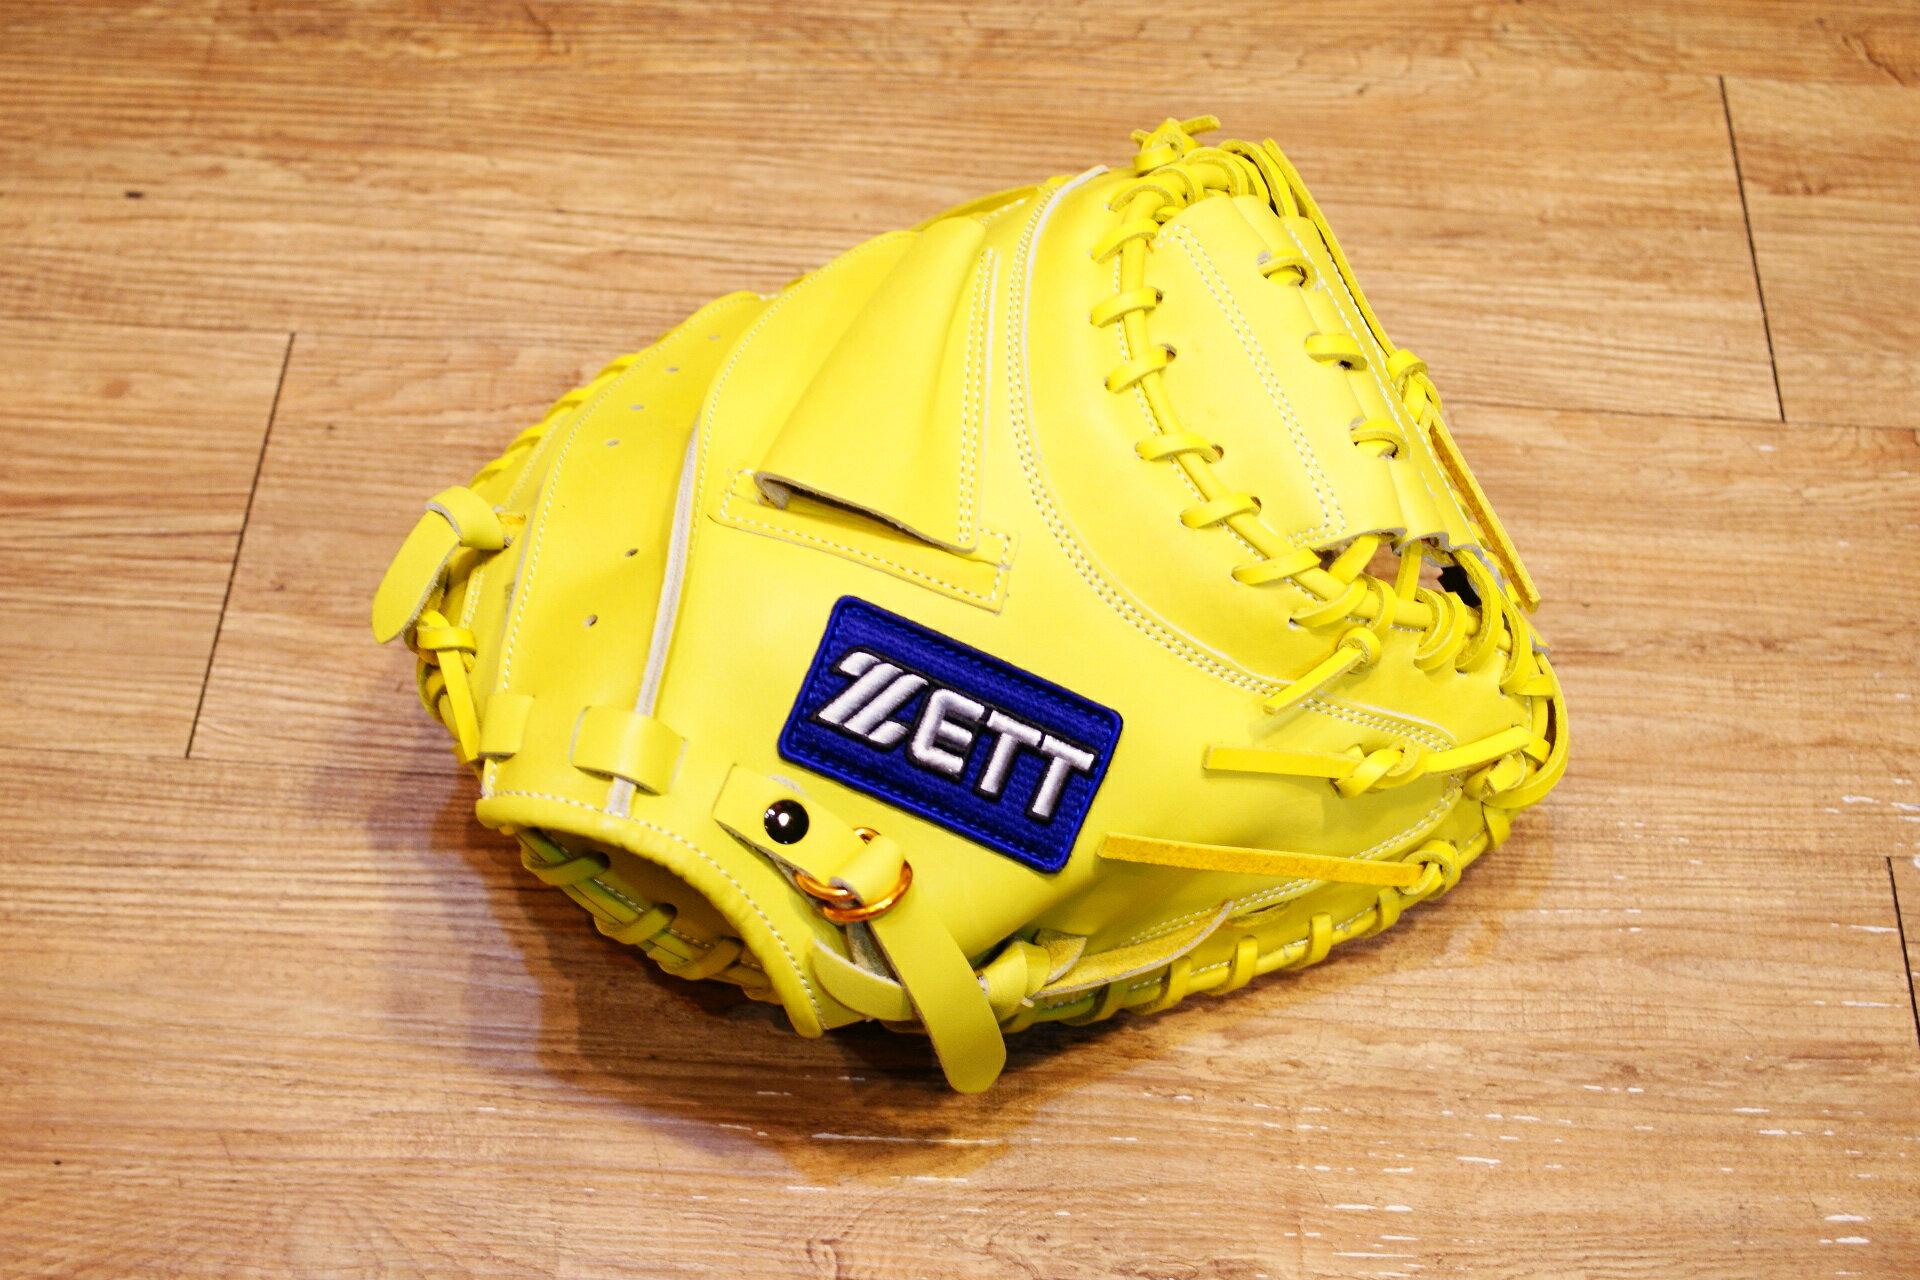 棒球世界 全新ZETT37系列全牛皮白藍標硬式棒球捕手手套 特價 檸檬黃色 3722